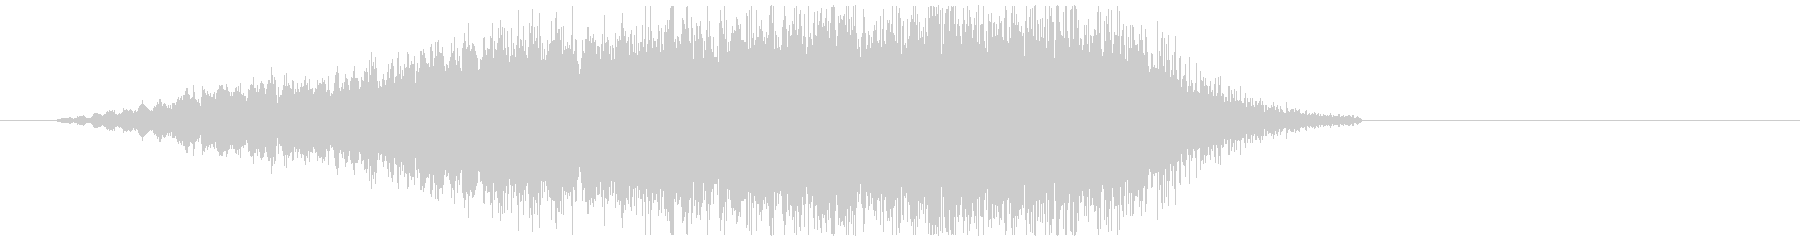 アイキャッチ 47の未再生の波形